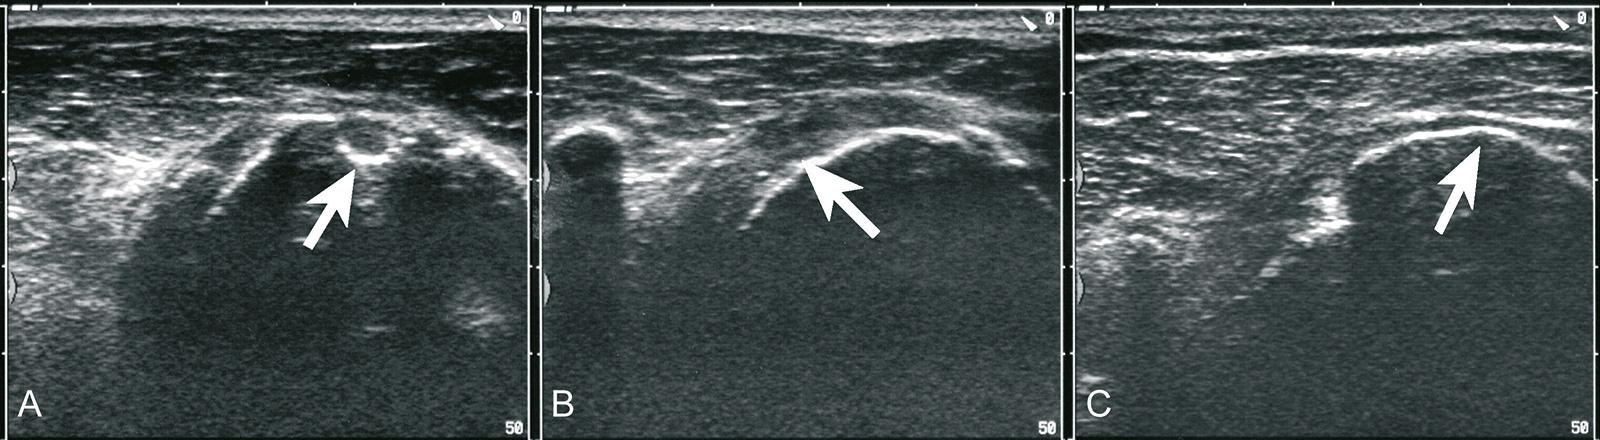 Abb. 2-8: Ultraschall einer Rotatorenmanschettenruptur: Nullrotation mit Sulcus bicipitalis (A), Außenrotation mit Darstellung des Subscapularis (B) und Innenrotation mit Fehlen des Supraspinatus bei Vorliegen einer Ruptur (C)